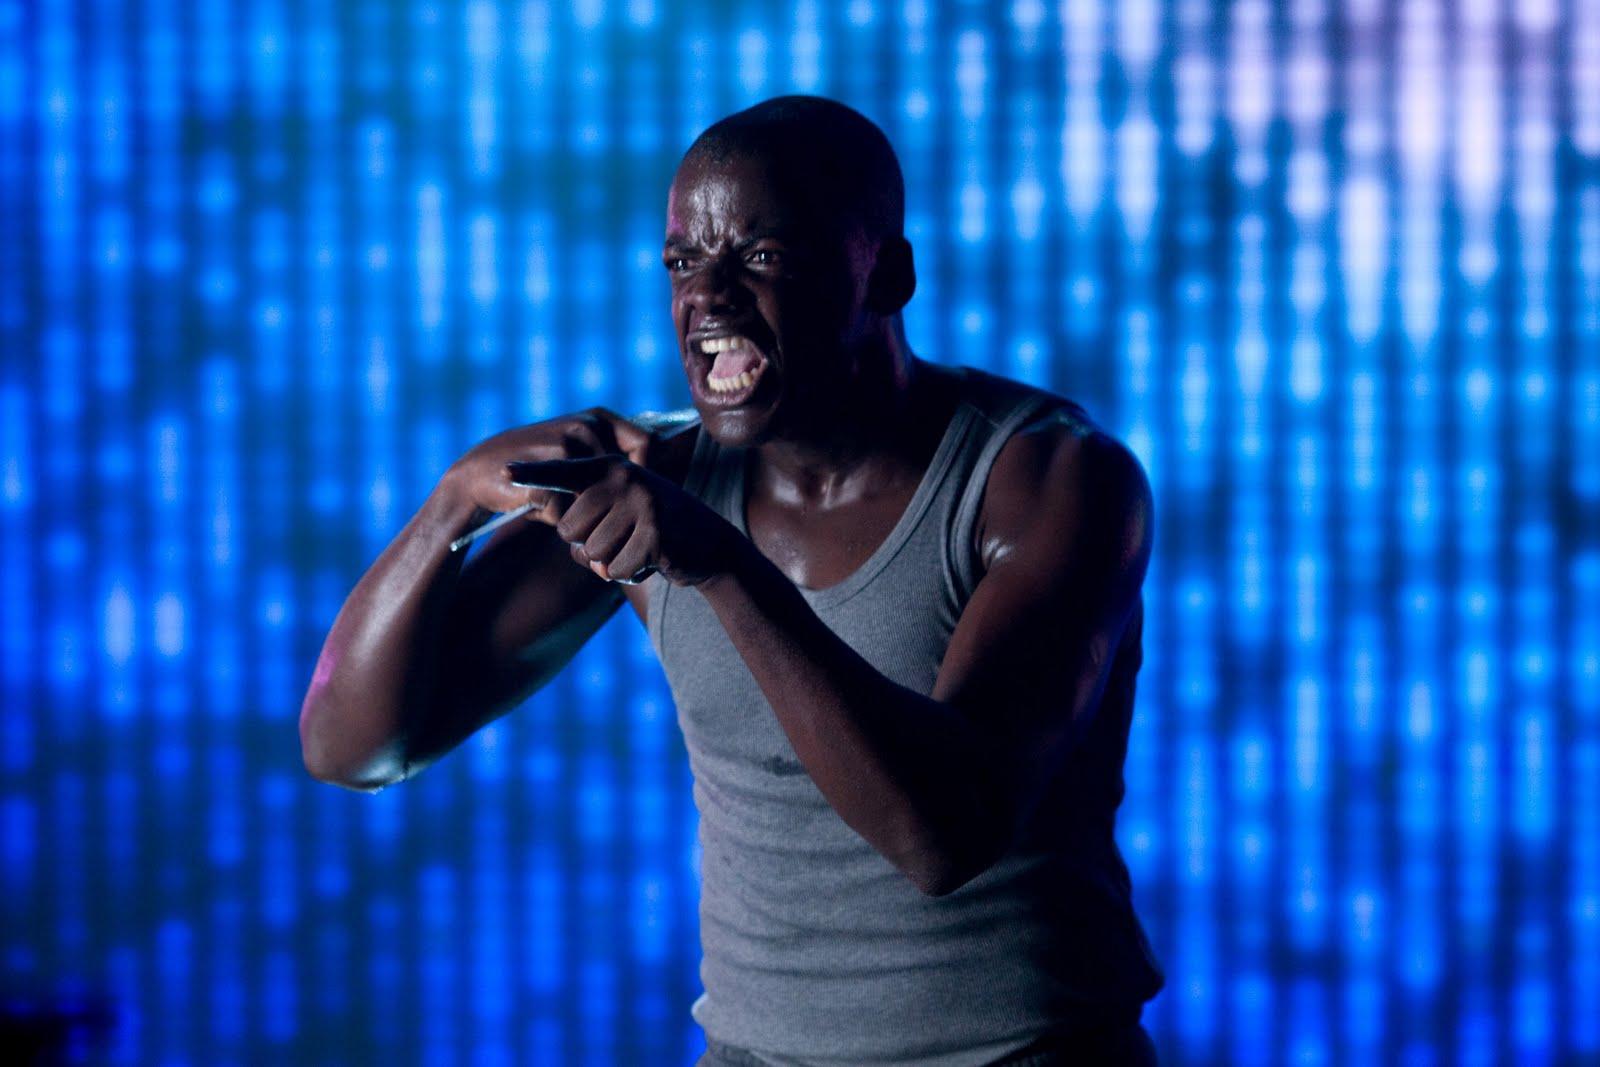 反抗被娱乐消解——图片来自《黑镜》第一季第二集